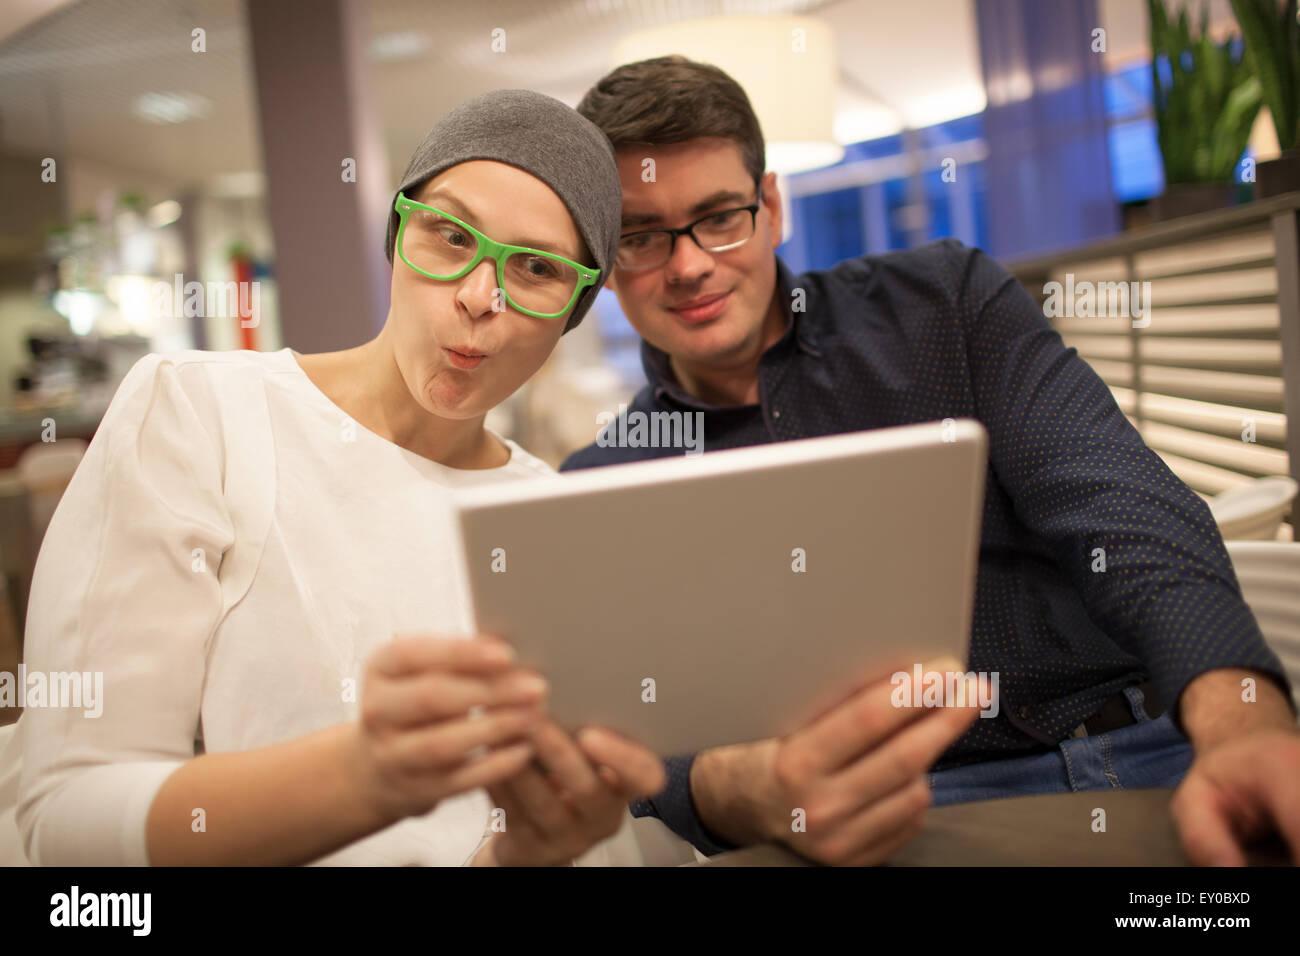 Hombre y mujer infiltrarse mientras realiza selfie Foto de stock